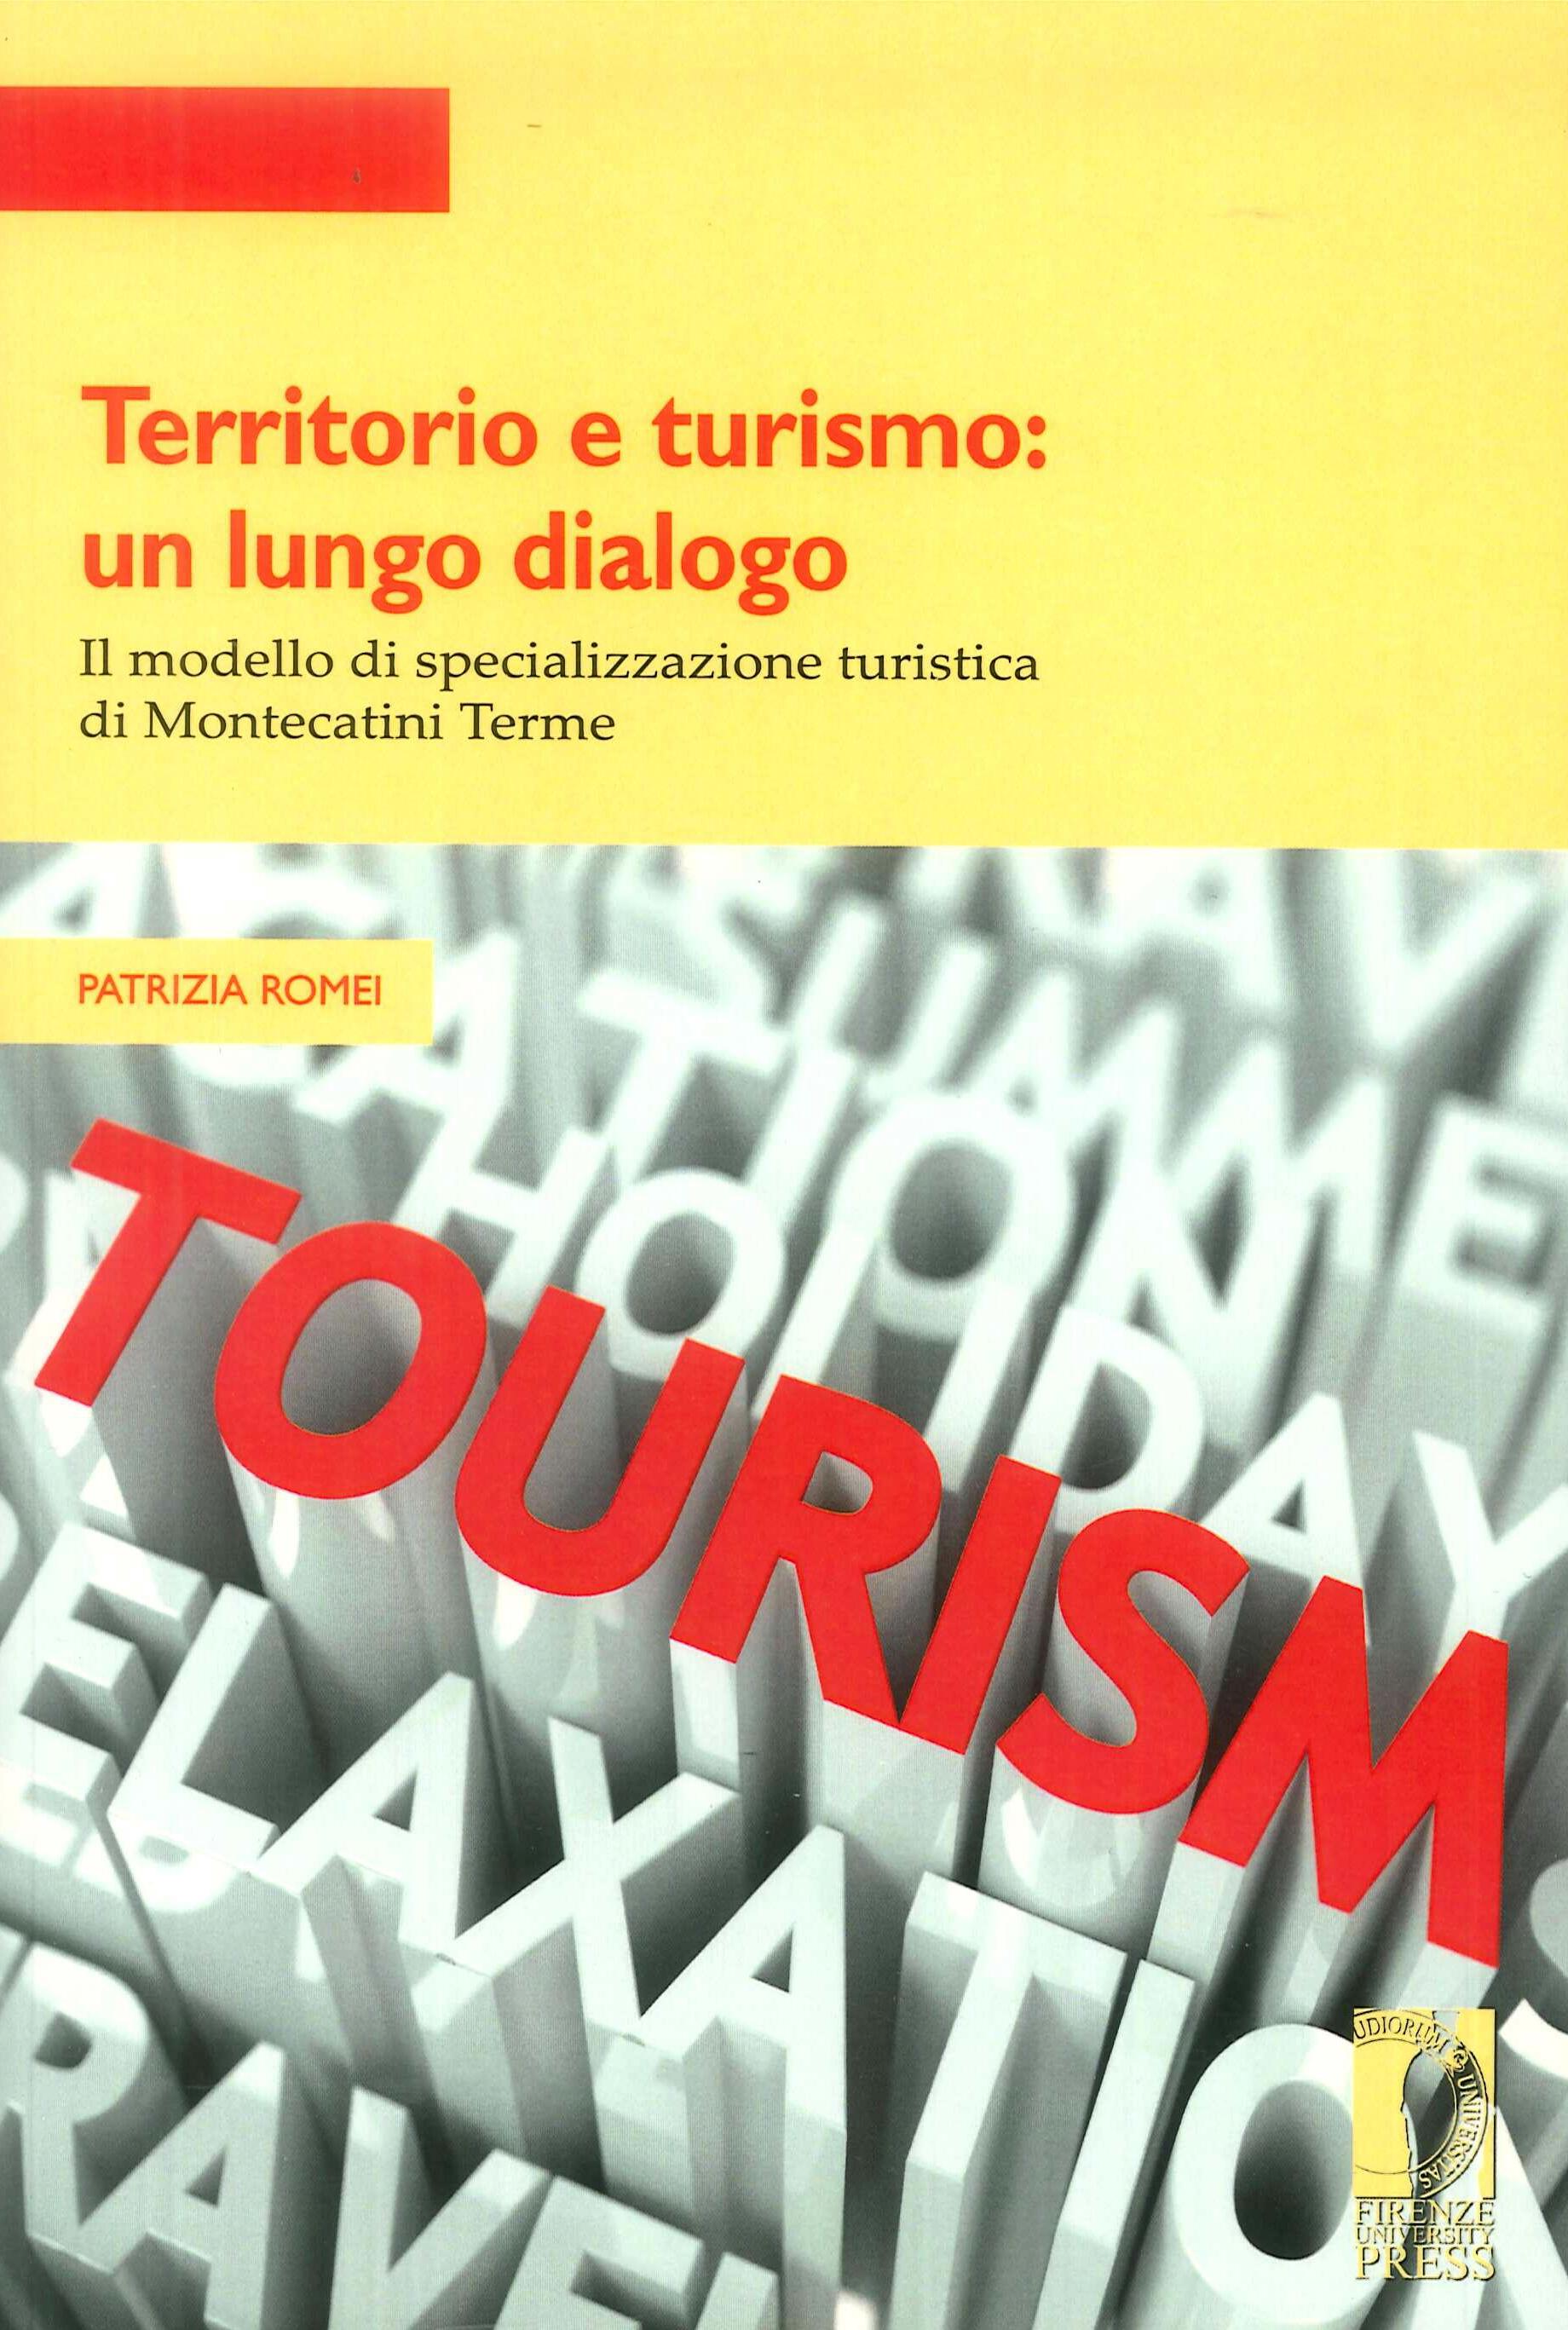 Territorio e turismo: un lungo dialogo